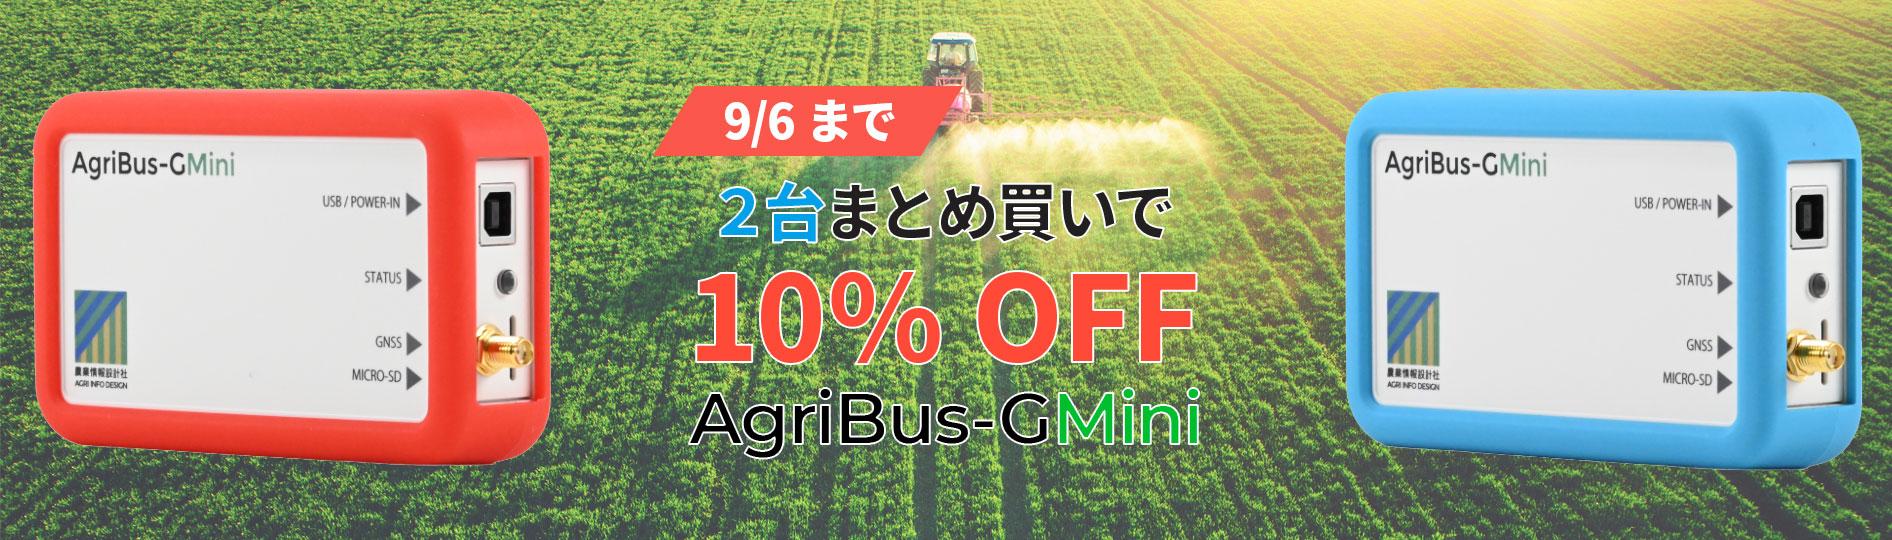 AgriBus-GMiniの RTKセットアップガイドを改版しました